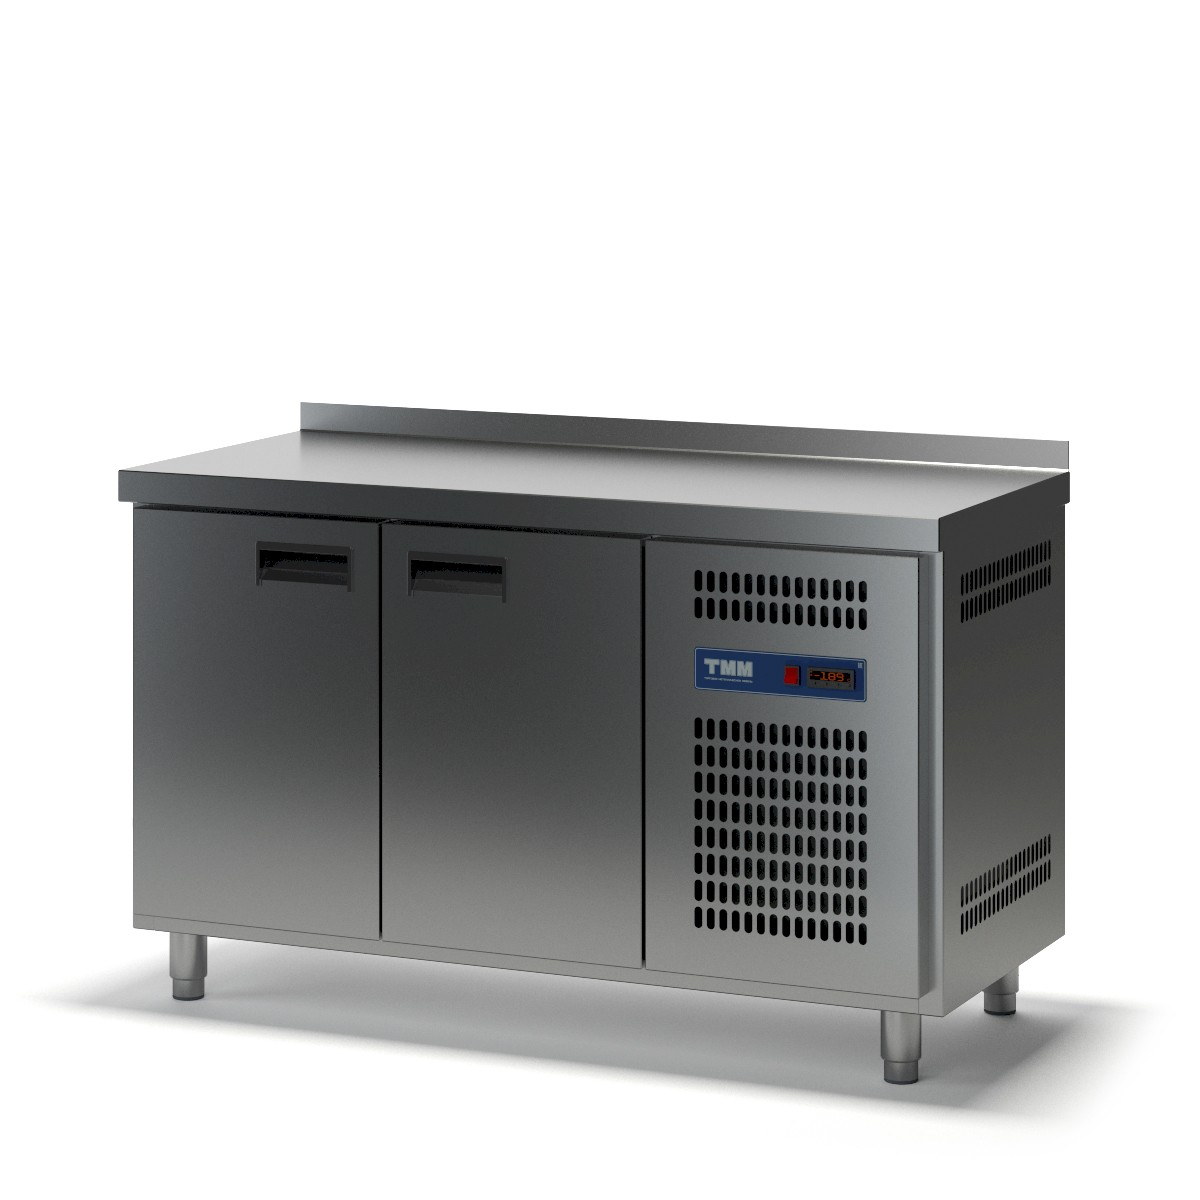 Стол холодильный двухдверный СХСБ-1/2Д 1390х600